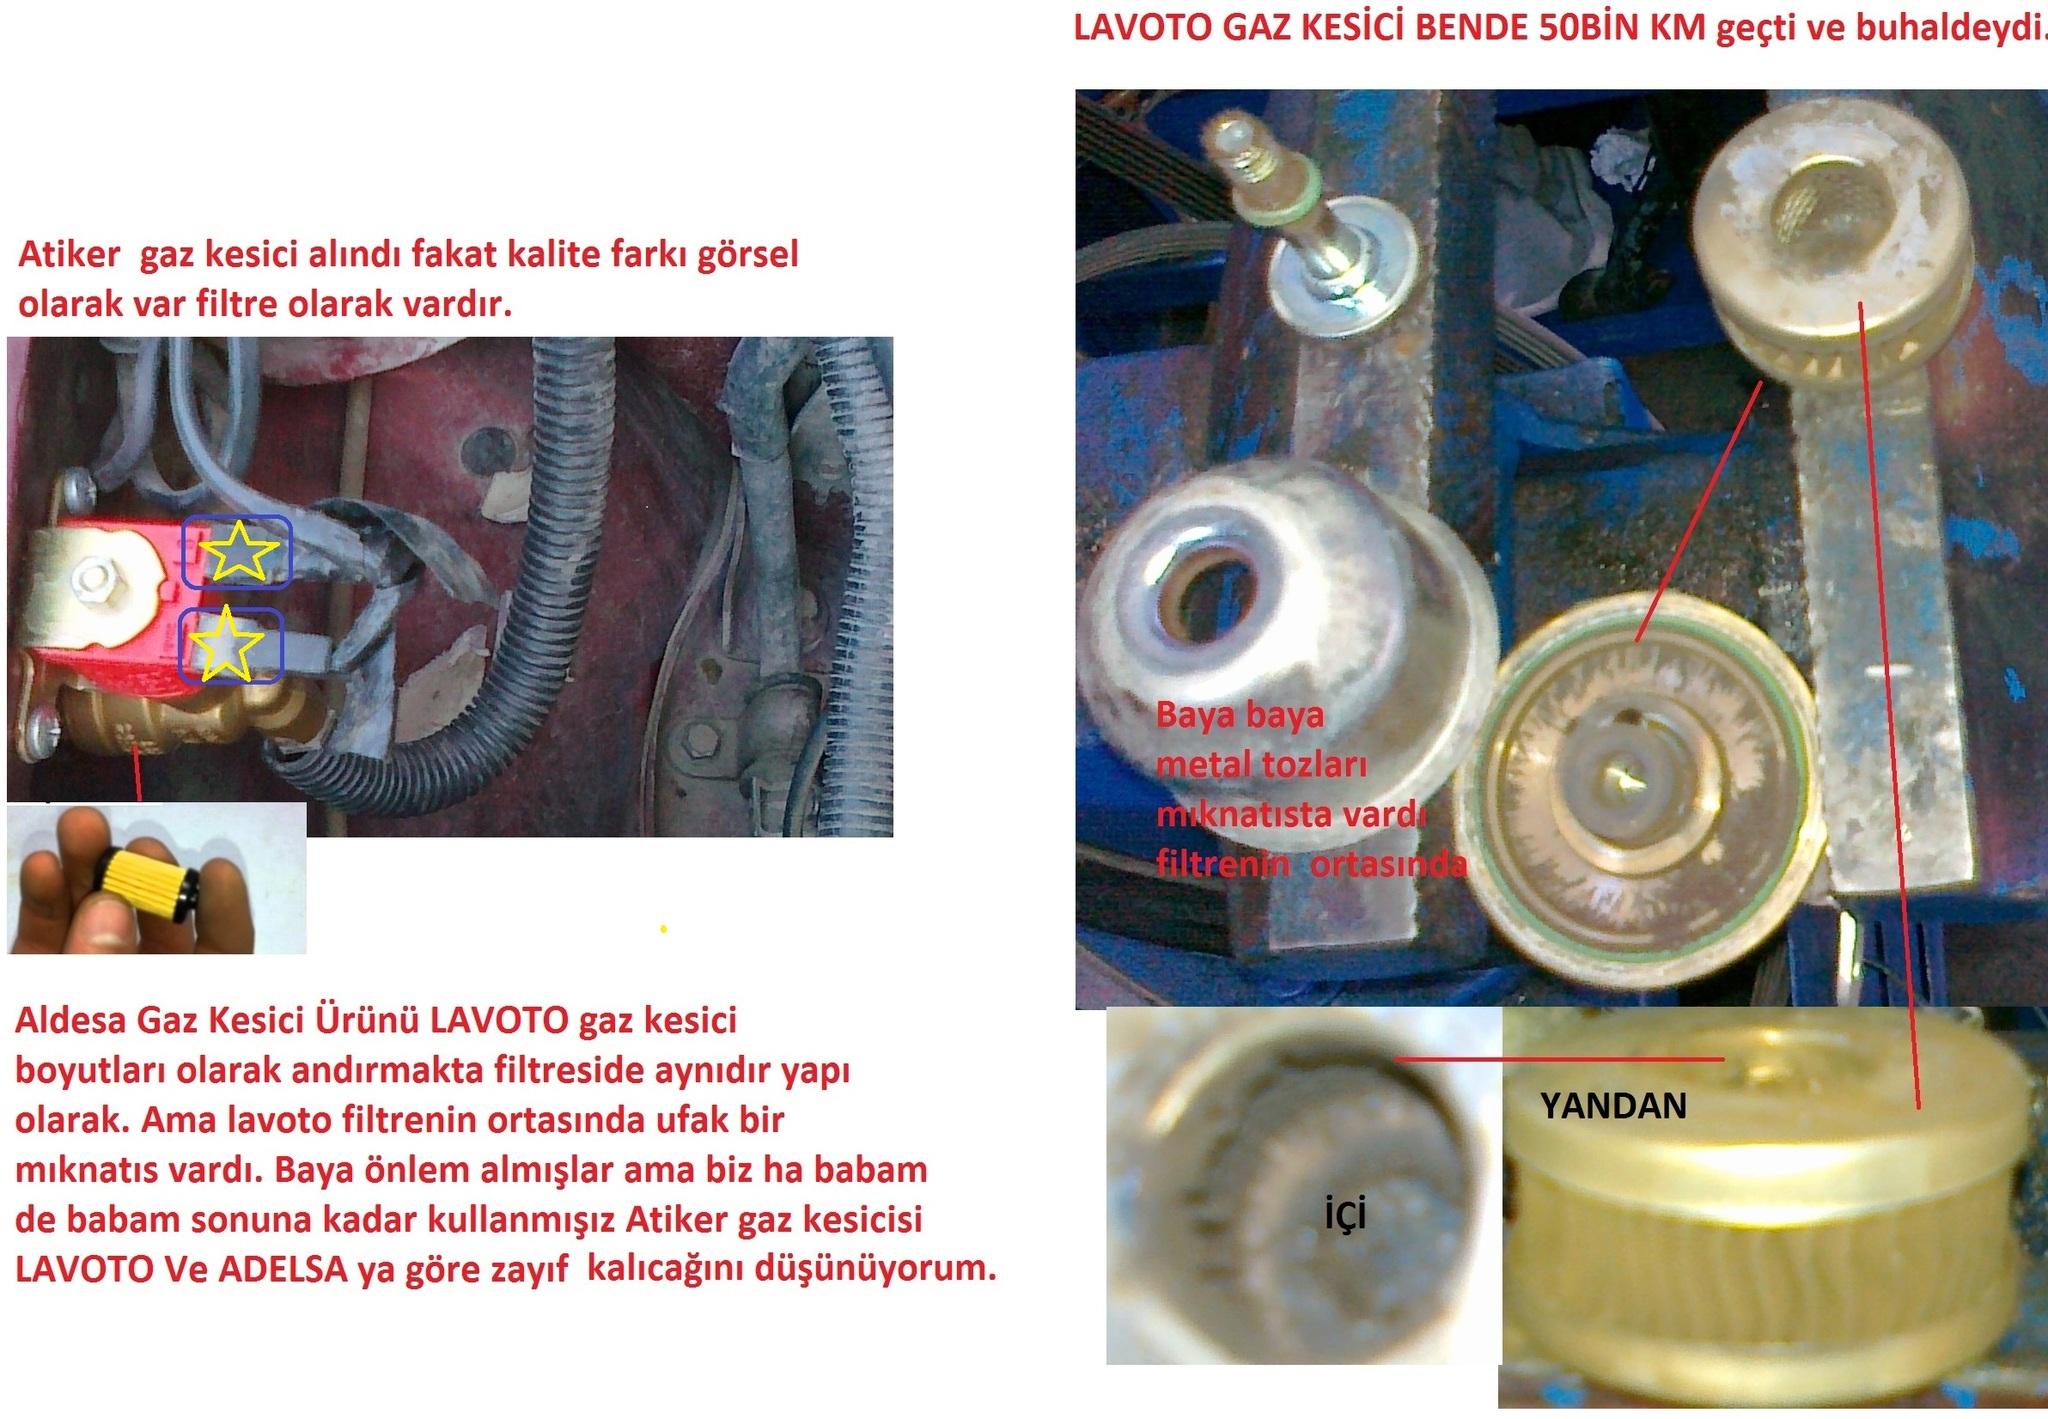 NbDW1P.jpg